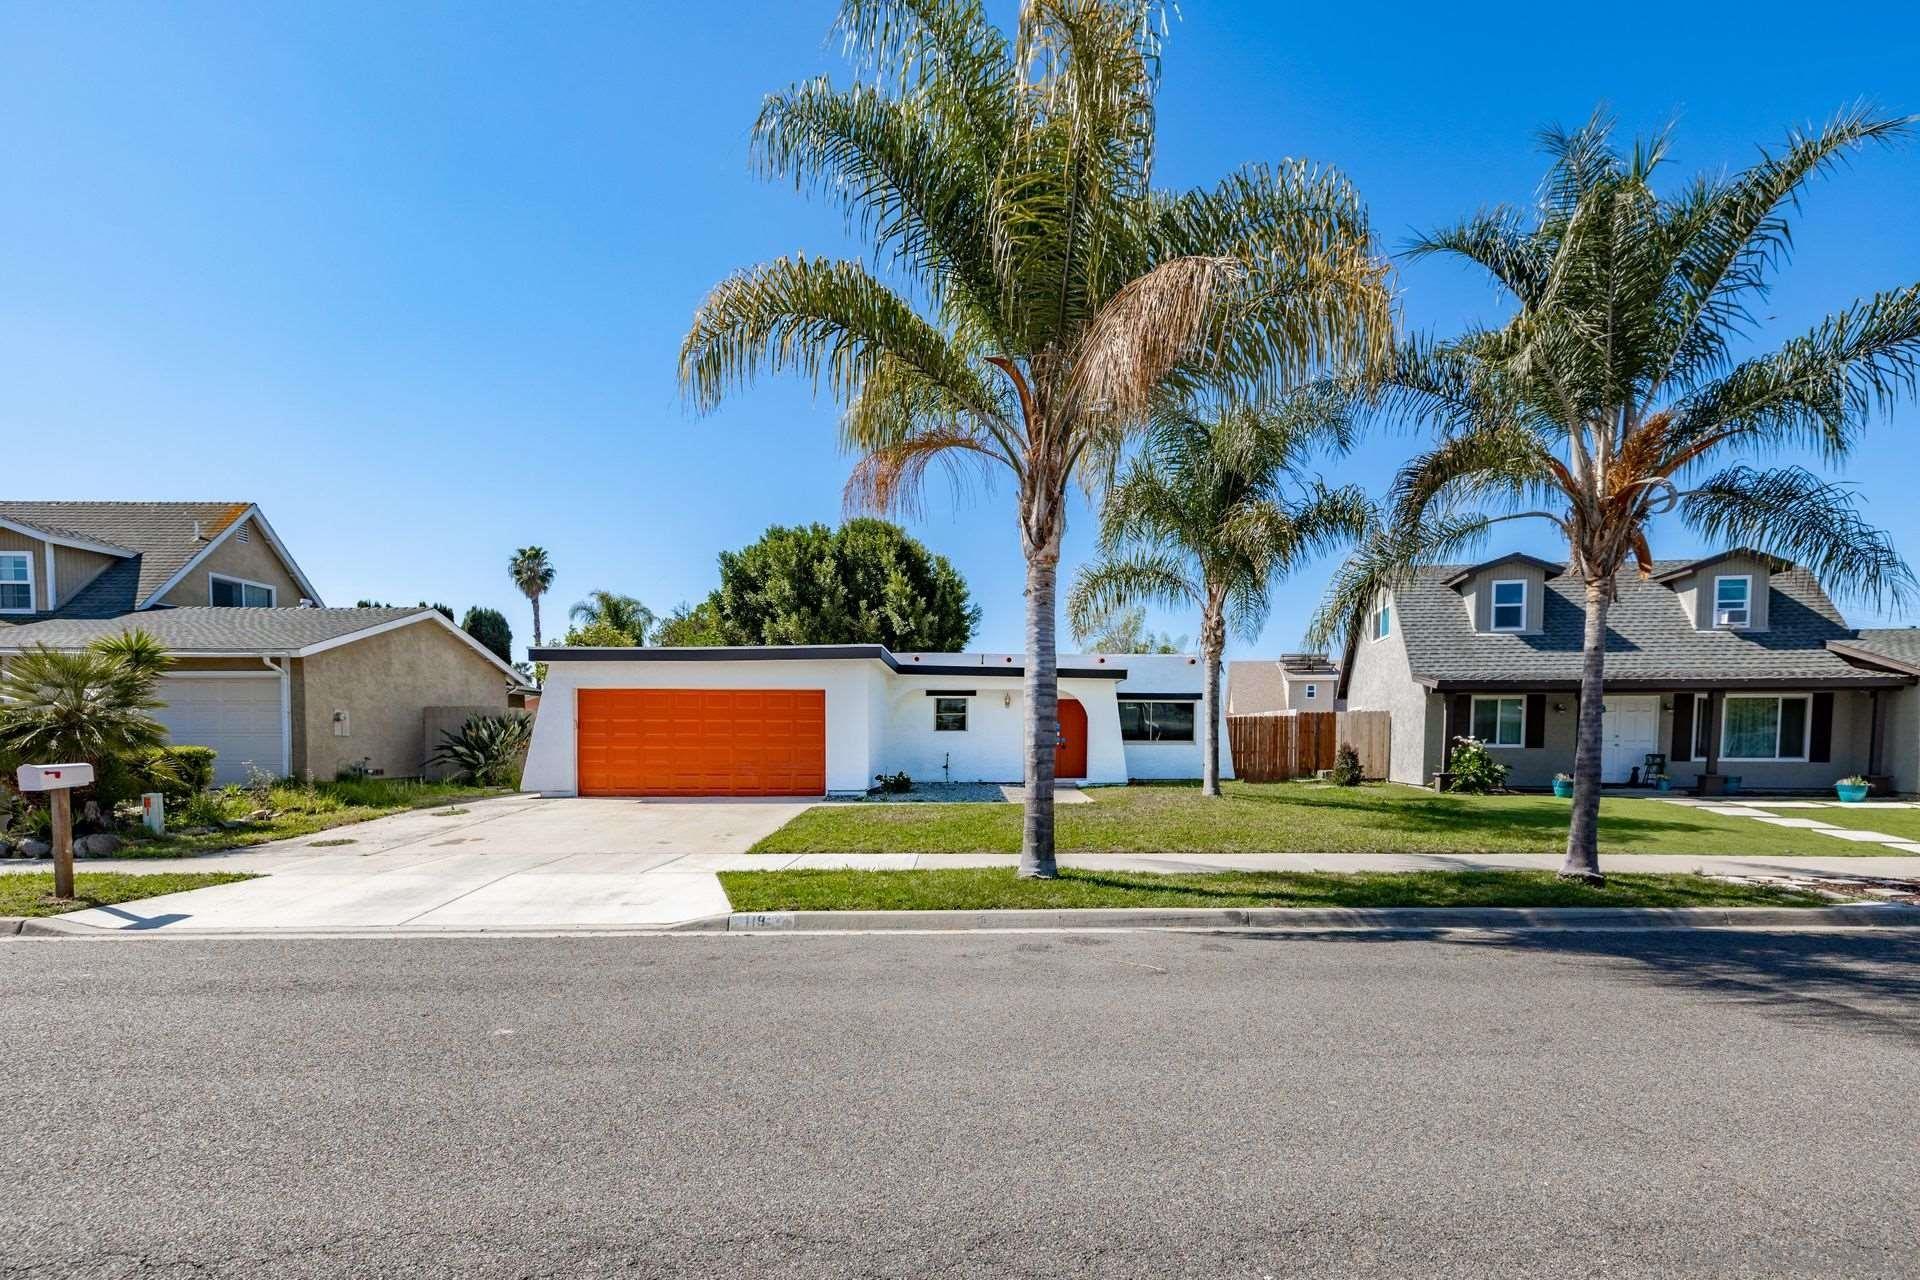 Photo for 119 Madison St, Oceanside, CA 92057 (MLS # 210008692)